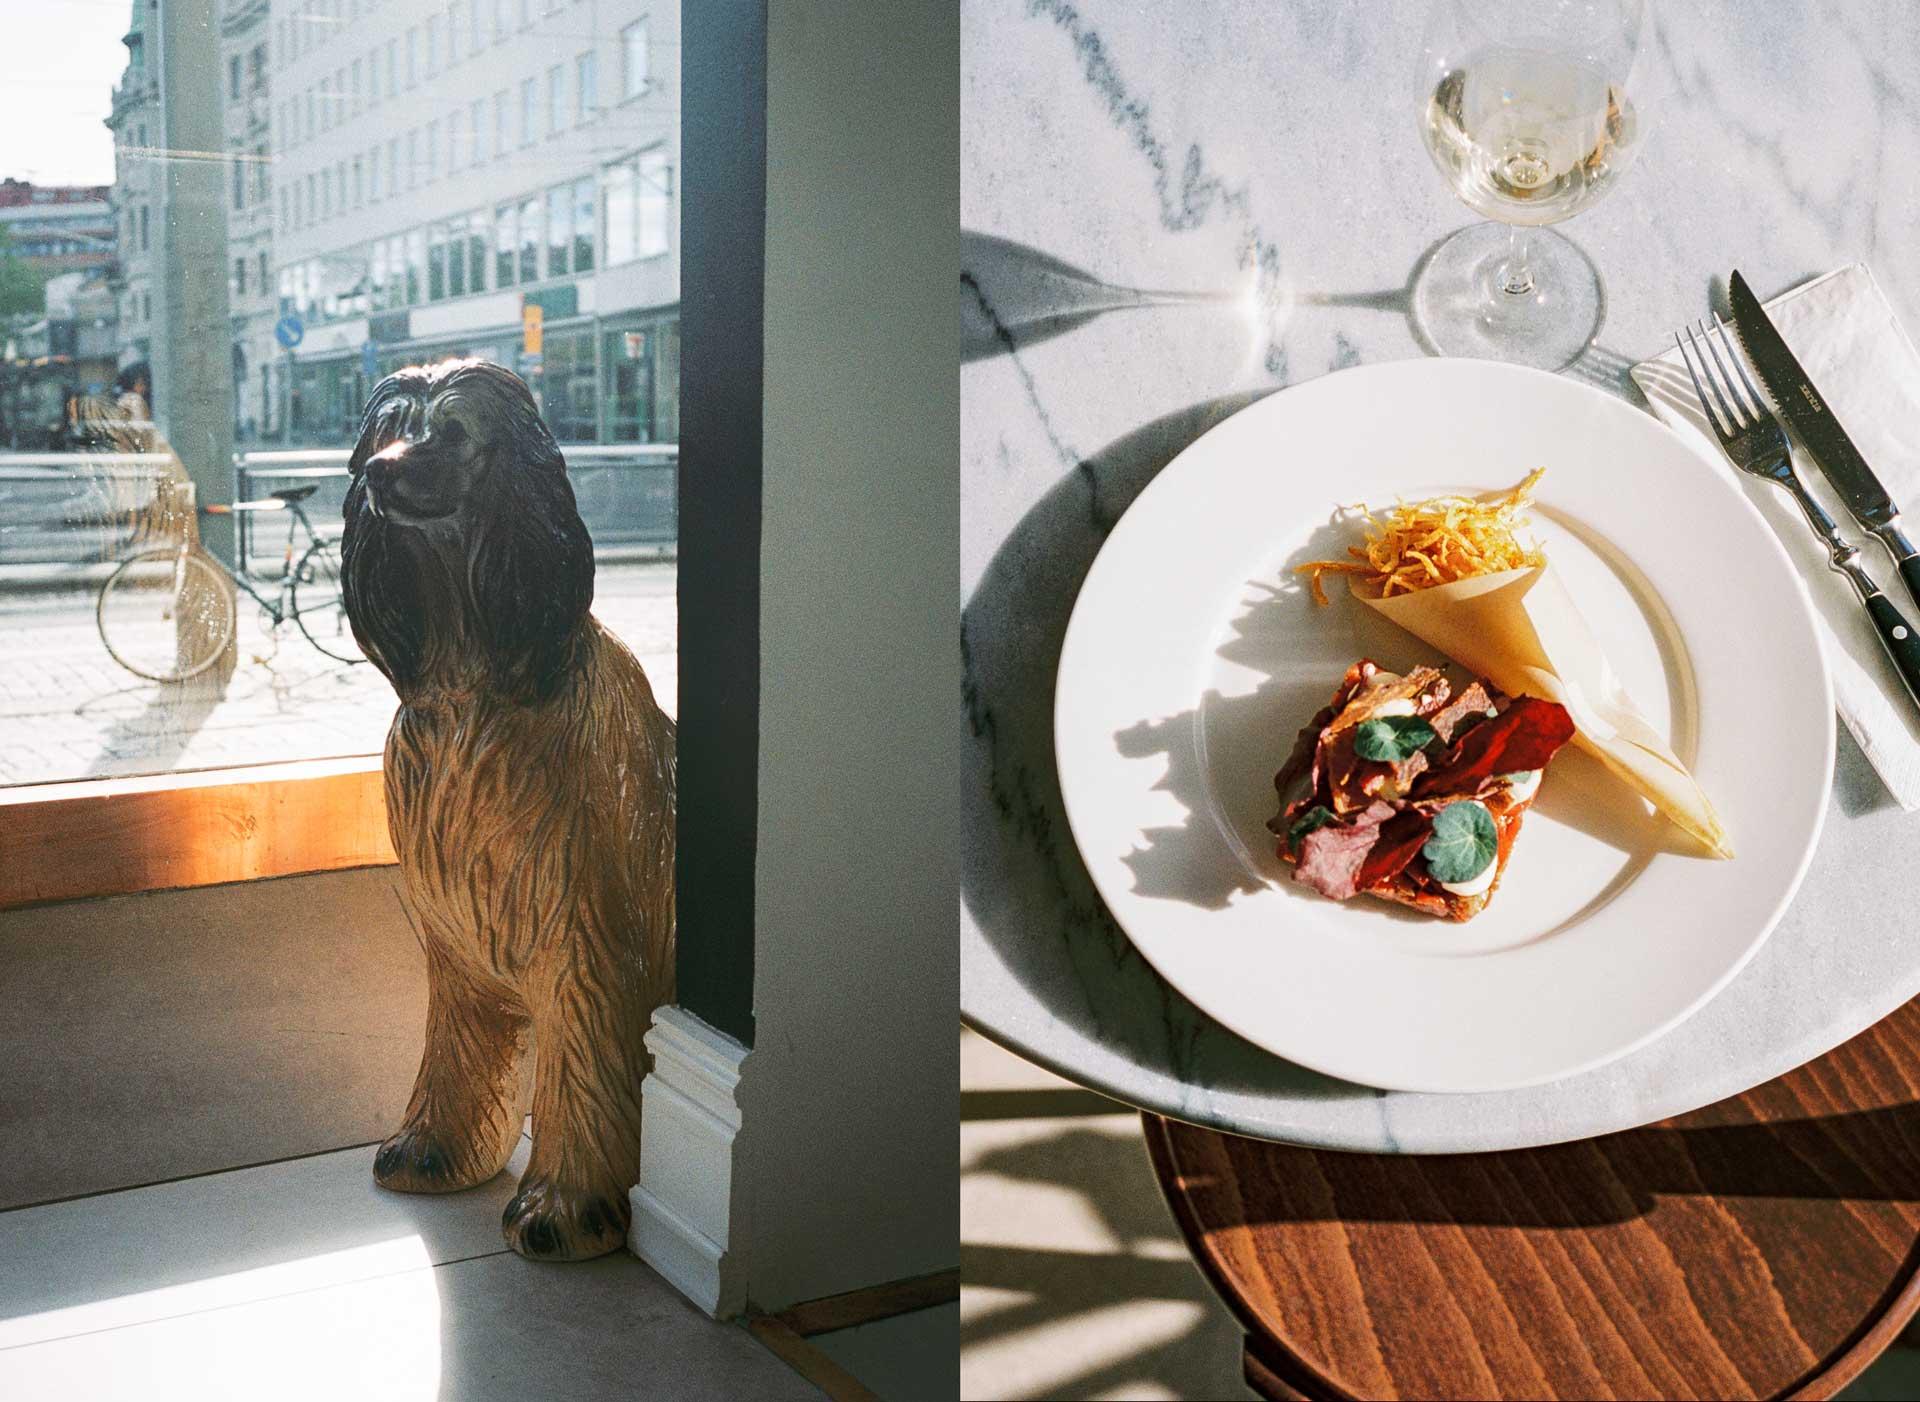 wolfgang_vincafe_dog